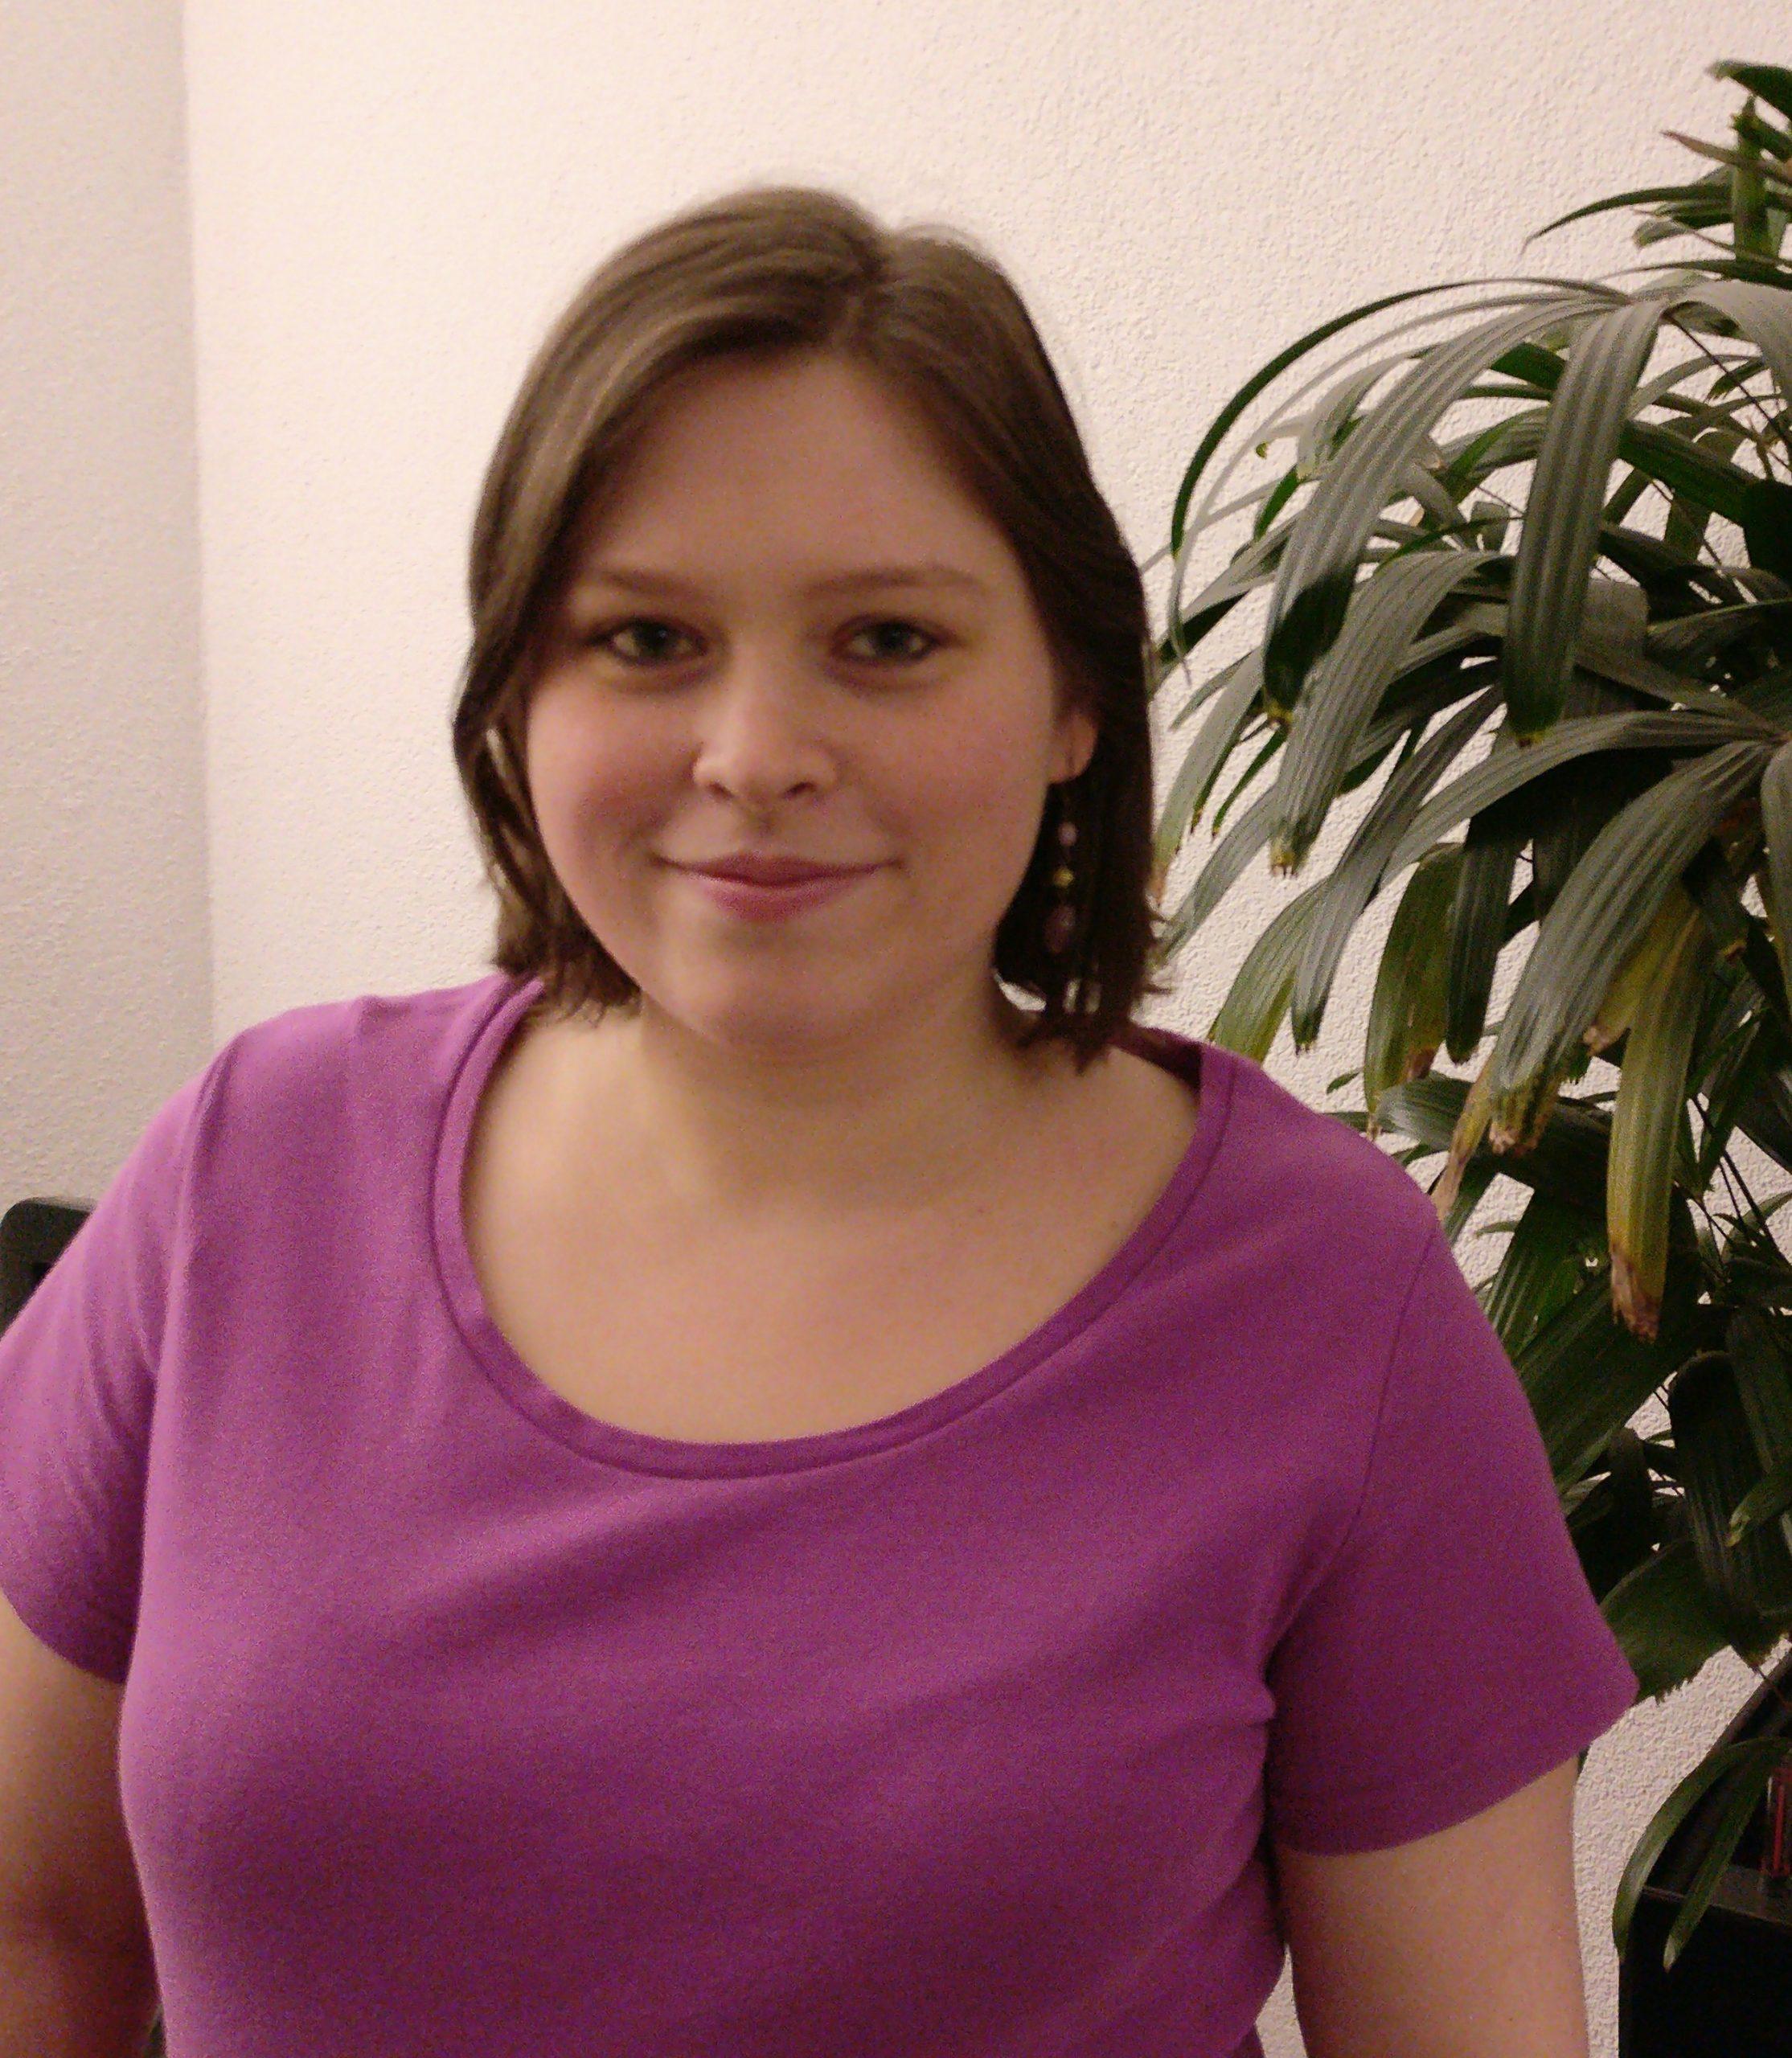 Tina Winkler